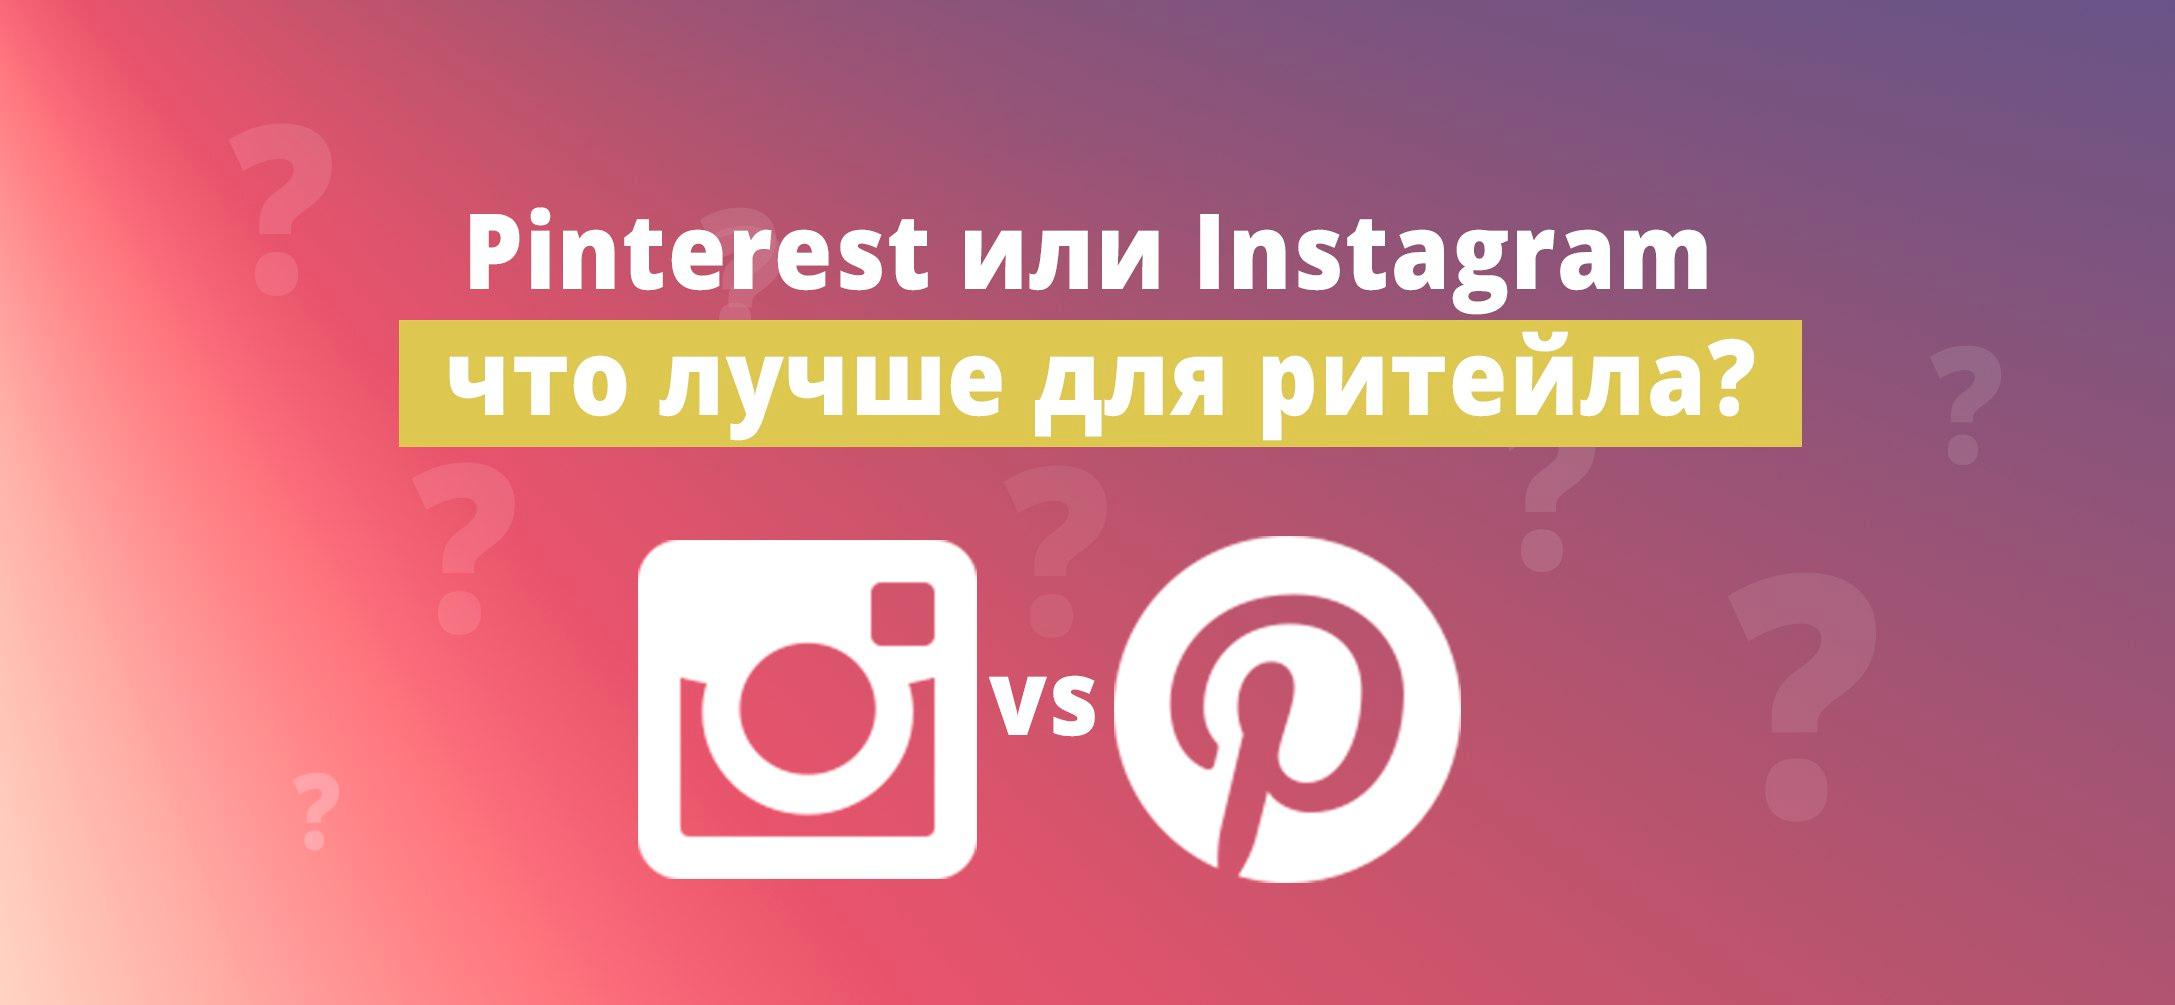 Pinterest или Instagram